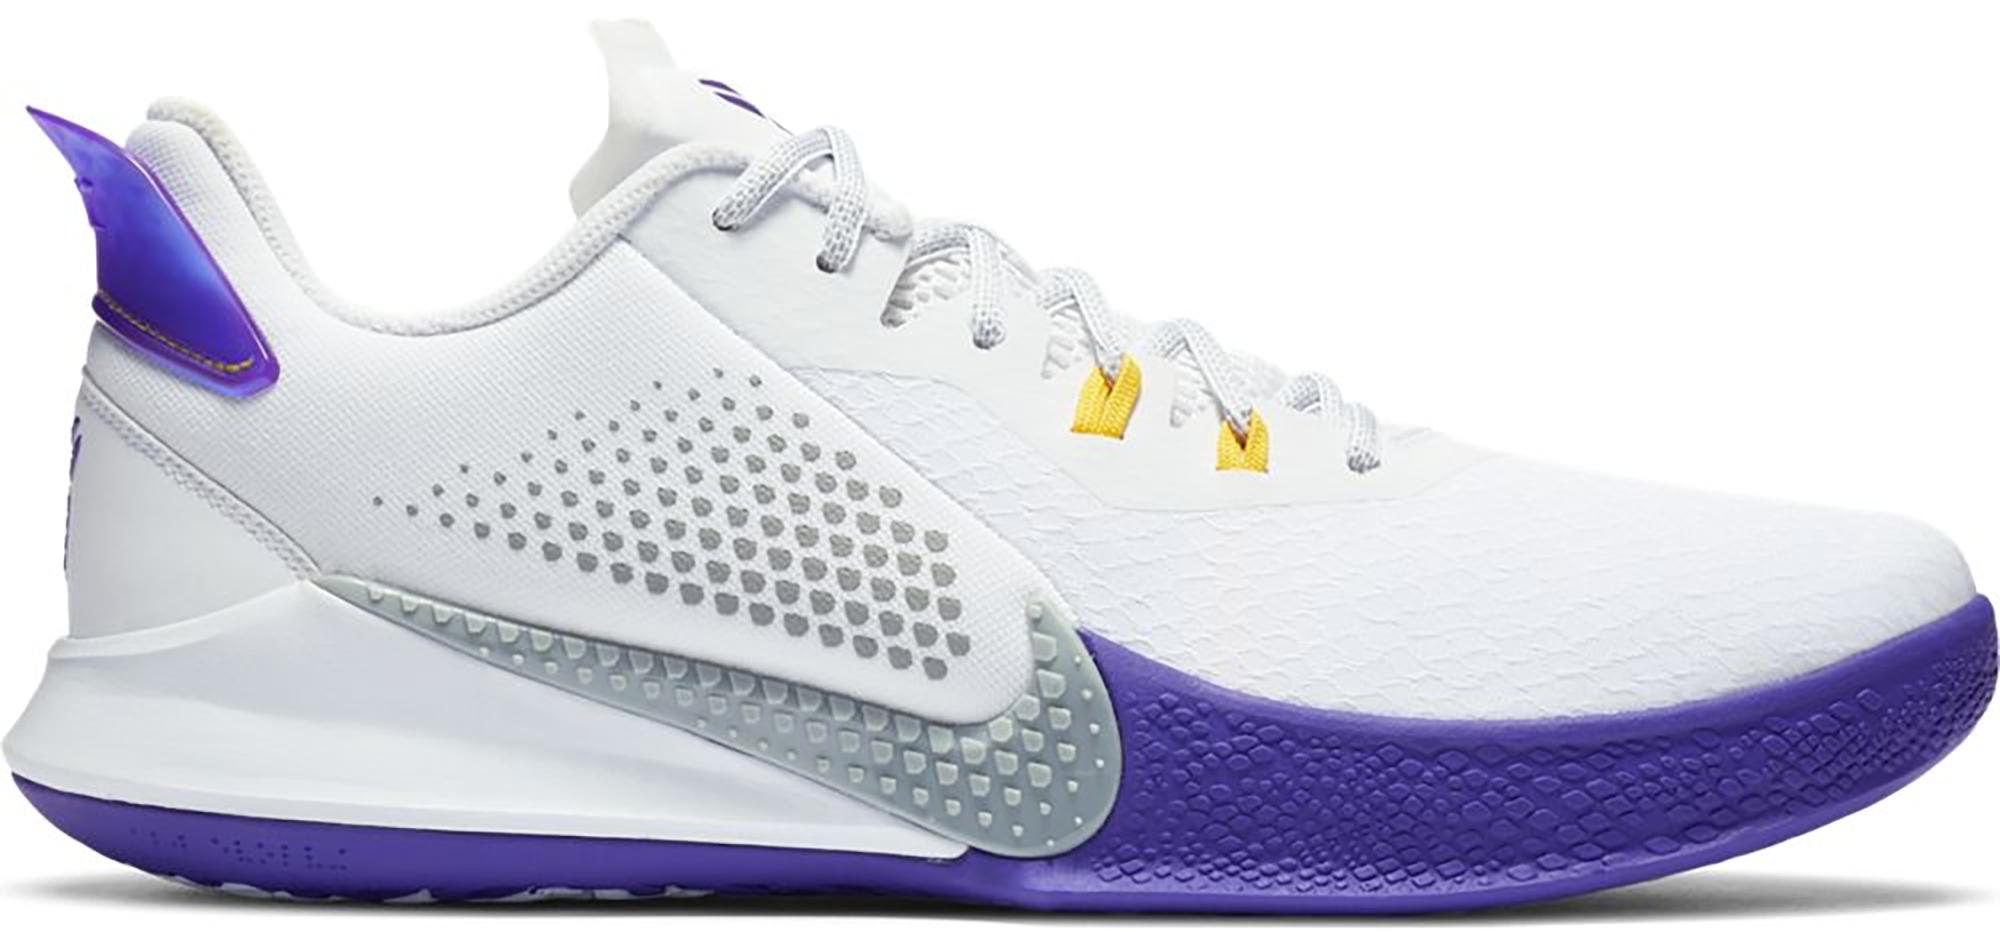 Nike Mamba Fury Lakers Home - CK2087-101